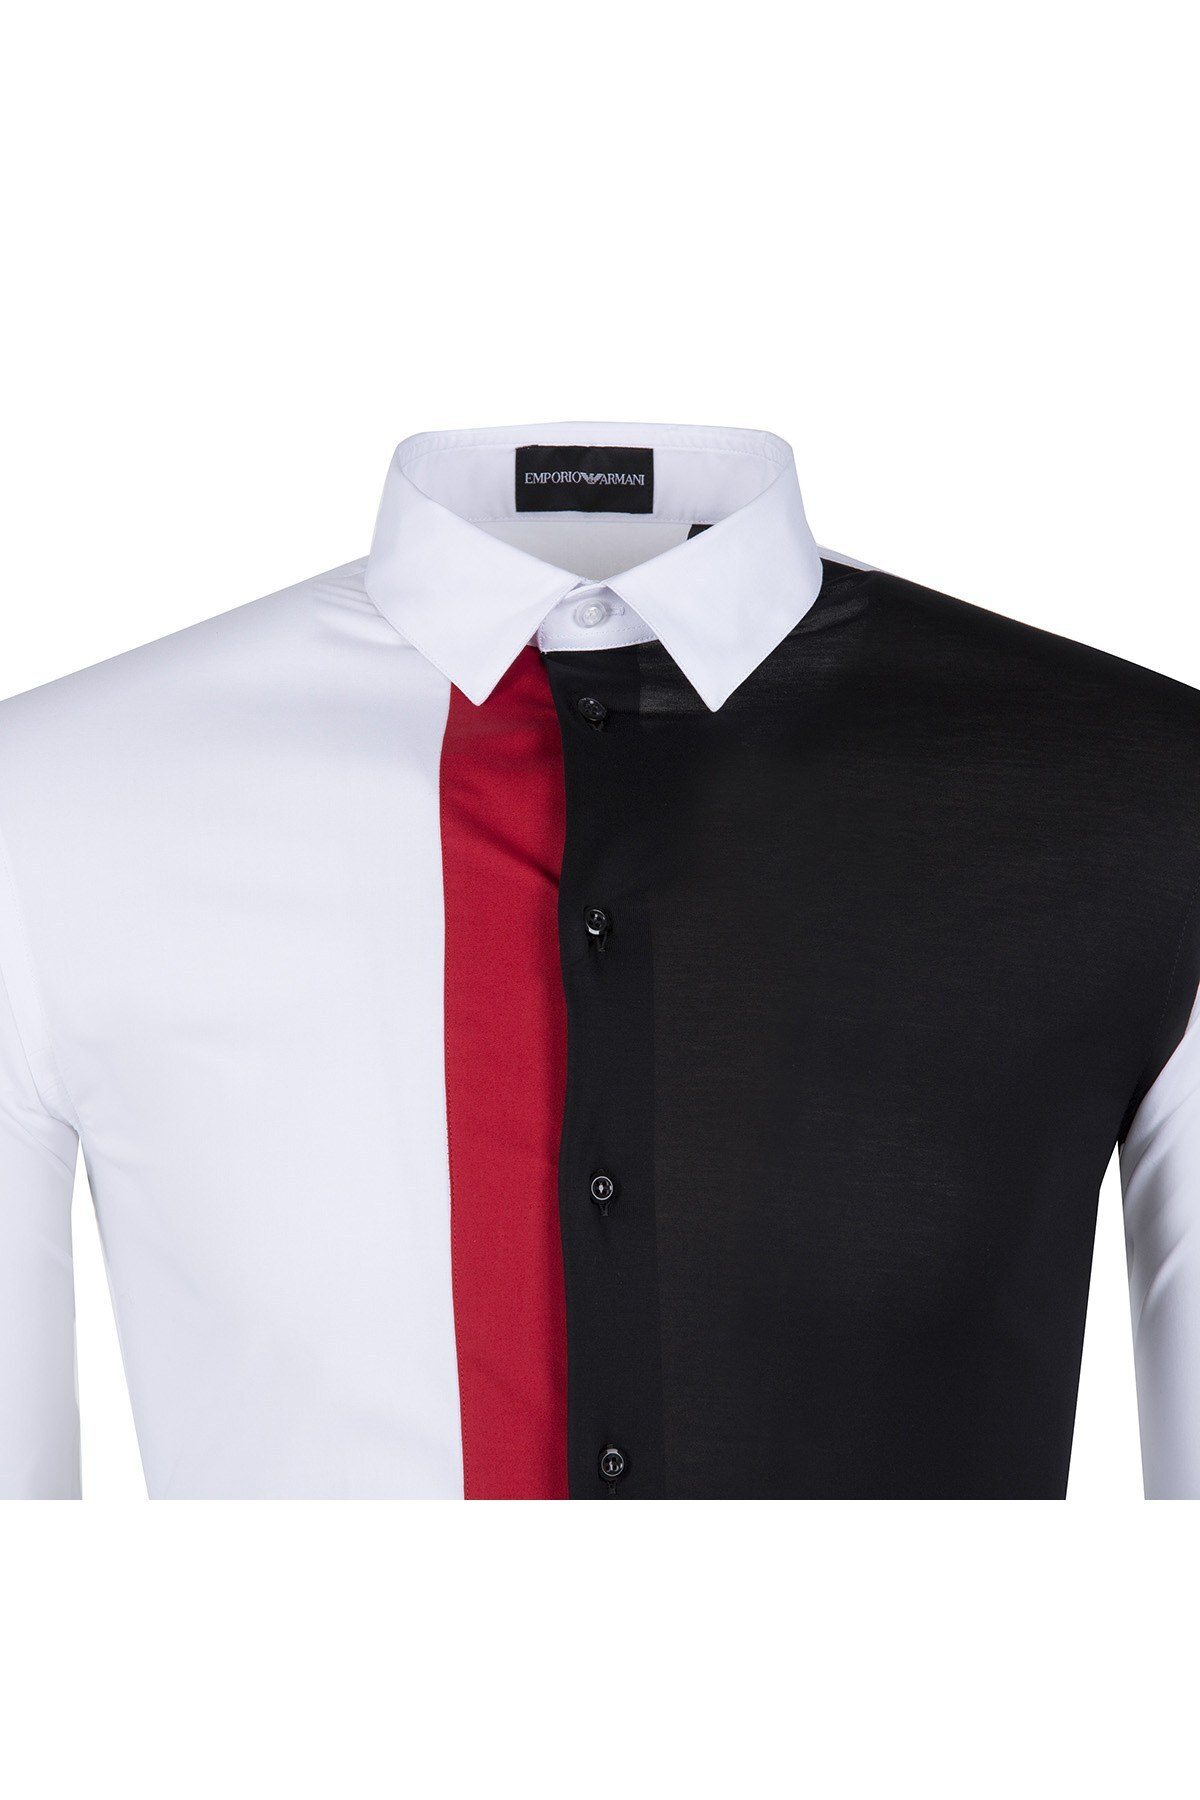 EMPORIO ARMANI Erkek Gömlek W1C32T W115C BEYAZ